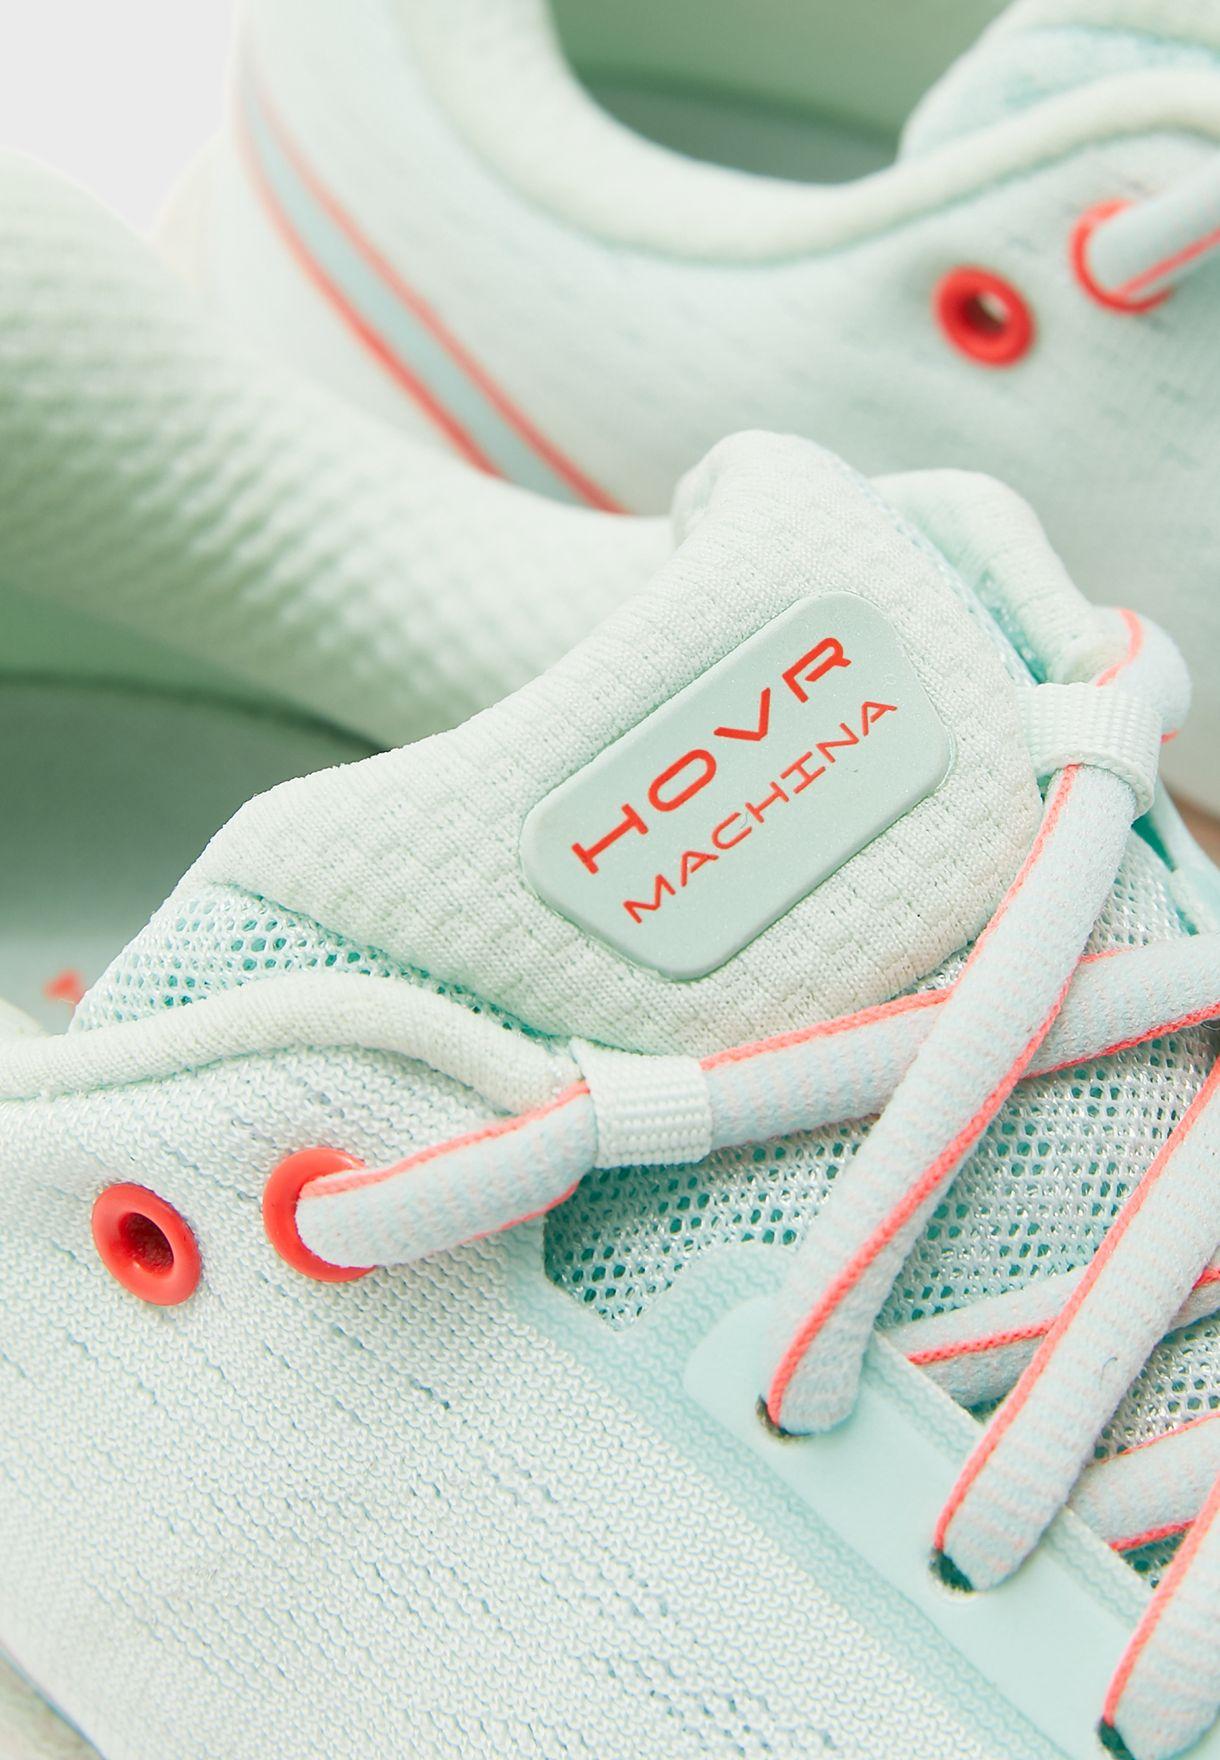 حذاء هوفر ماشينا